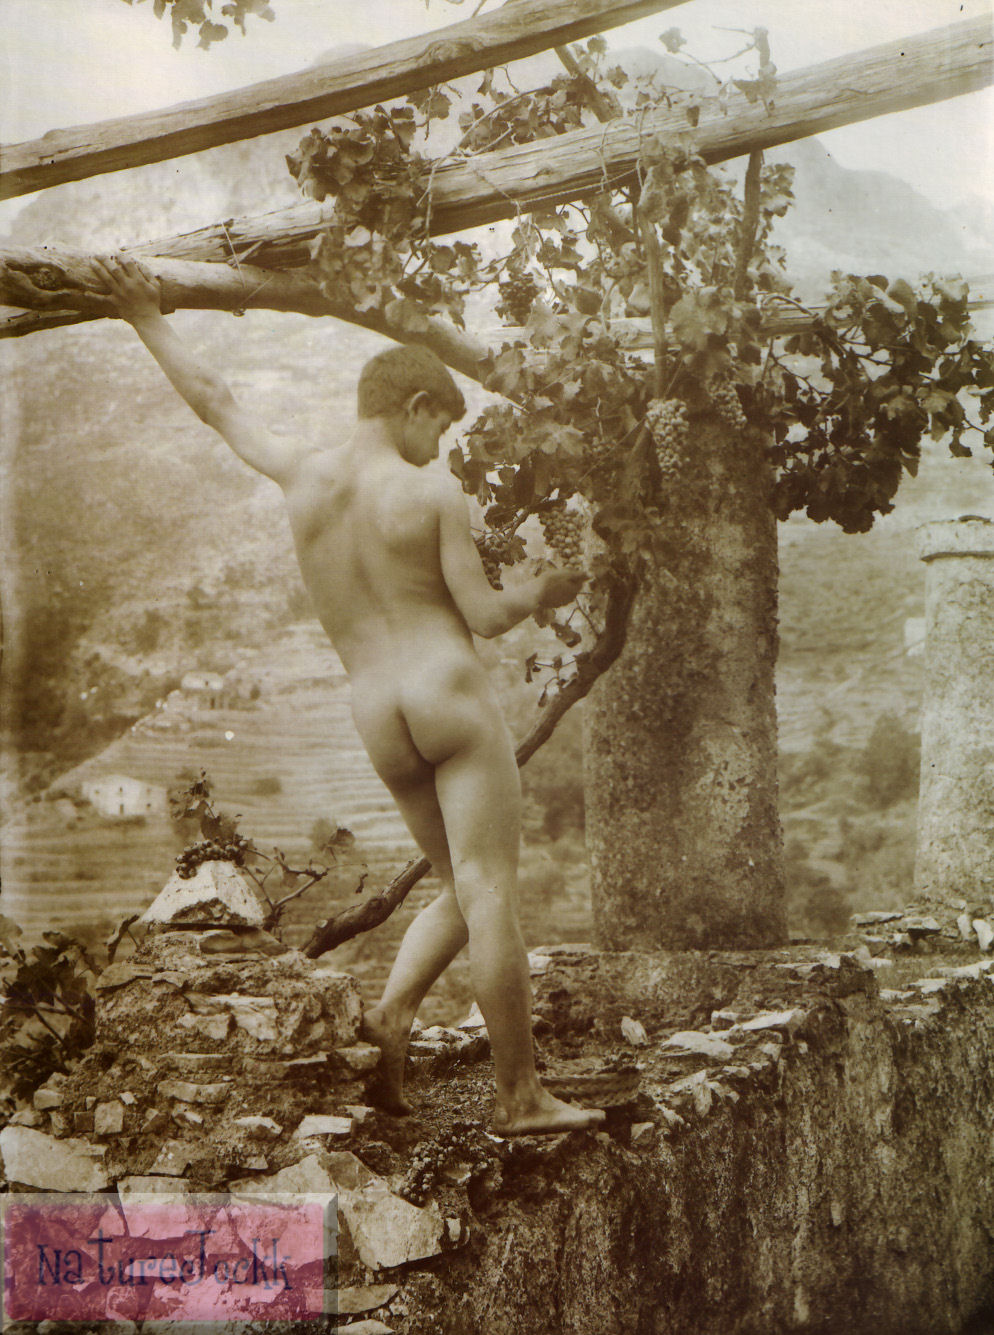 [Gloeden,_Wilhelm_von_(1856-1931)_-_n._2750_-_da_-_Amore_e_arte,_p._67.jpg]